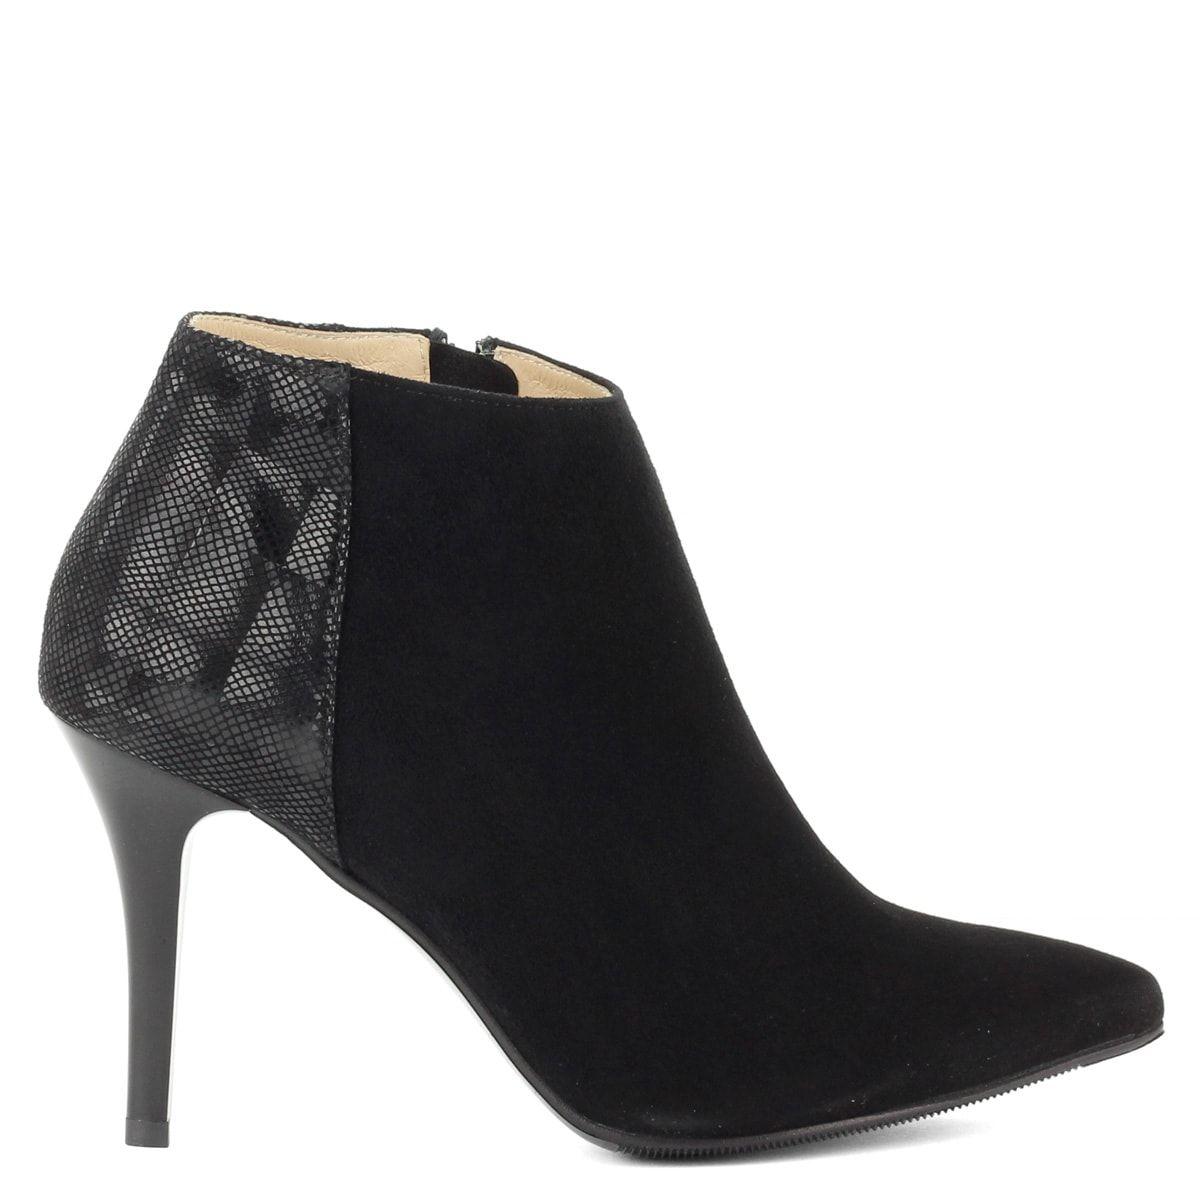 Eladó Retro Jeans női bokacsizma (Katie Shoes) 3736 - 19 990 Ft ... fc382d252c